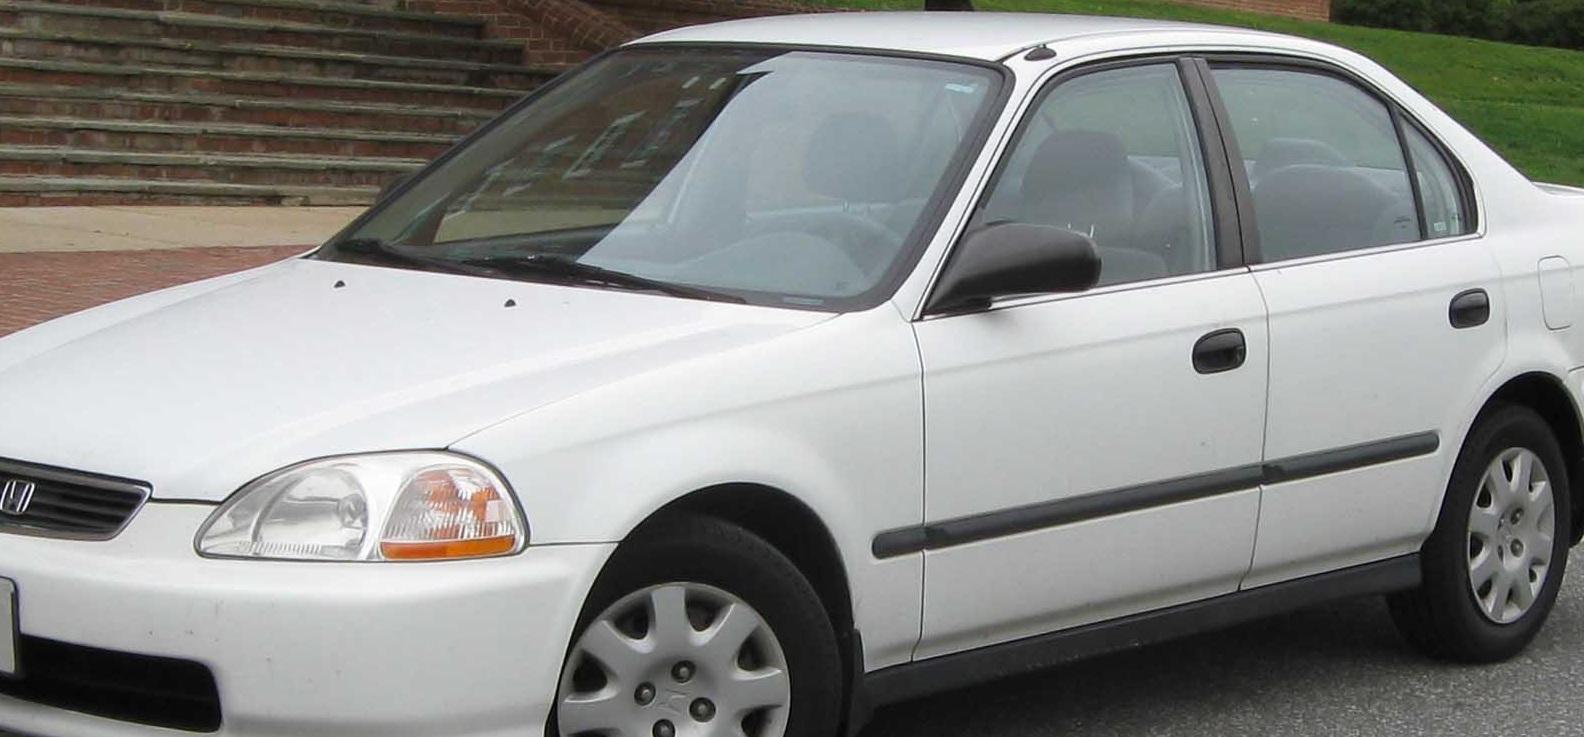 96-98_Honda_Civic_LX_sedan.jpg